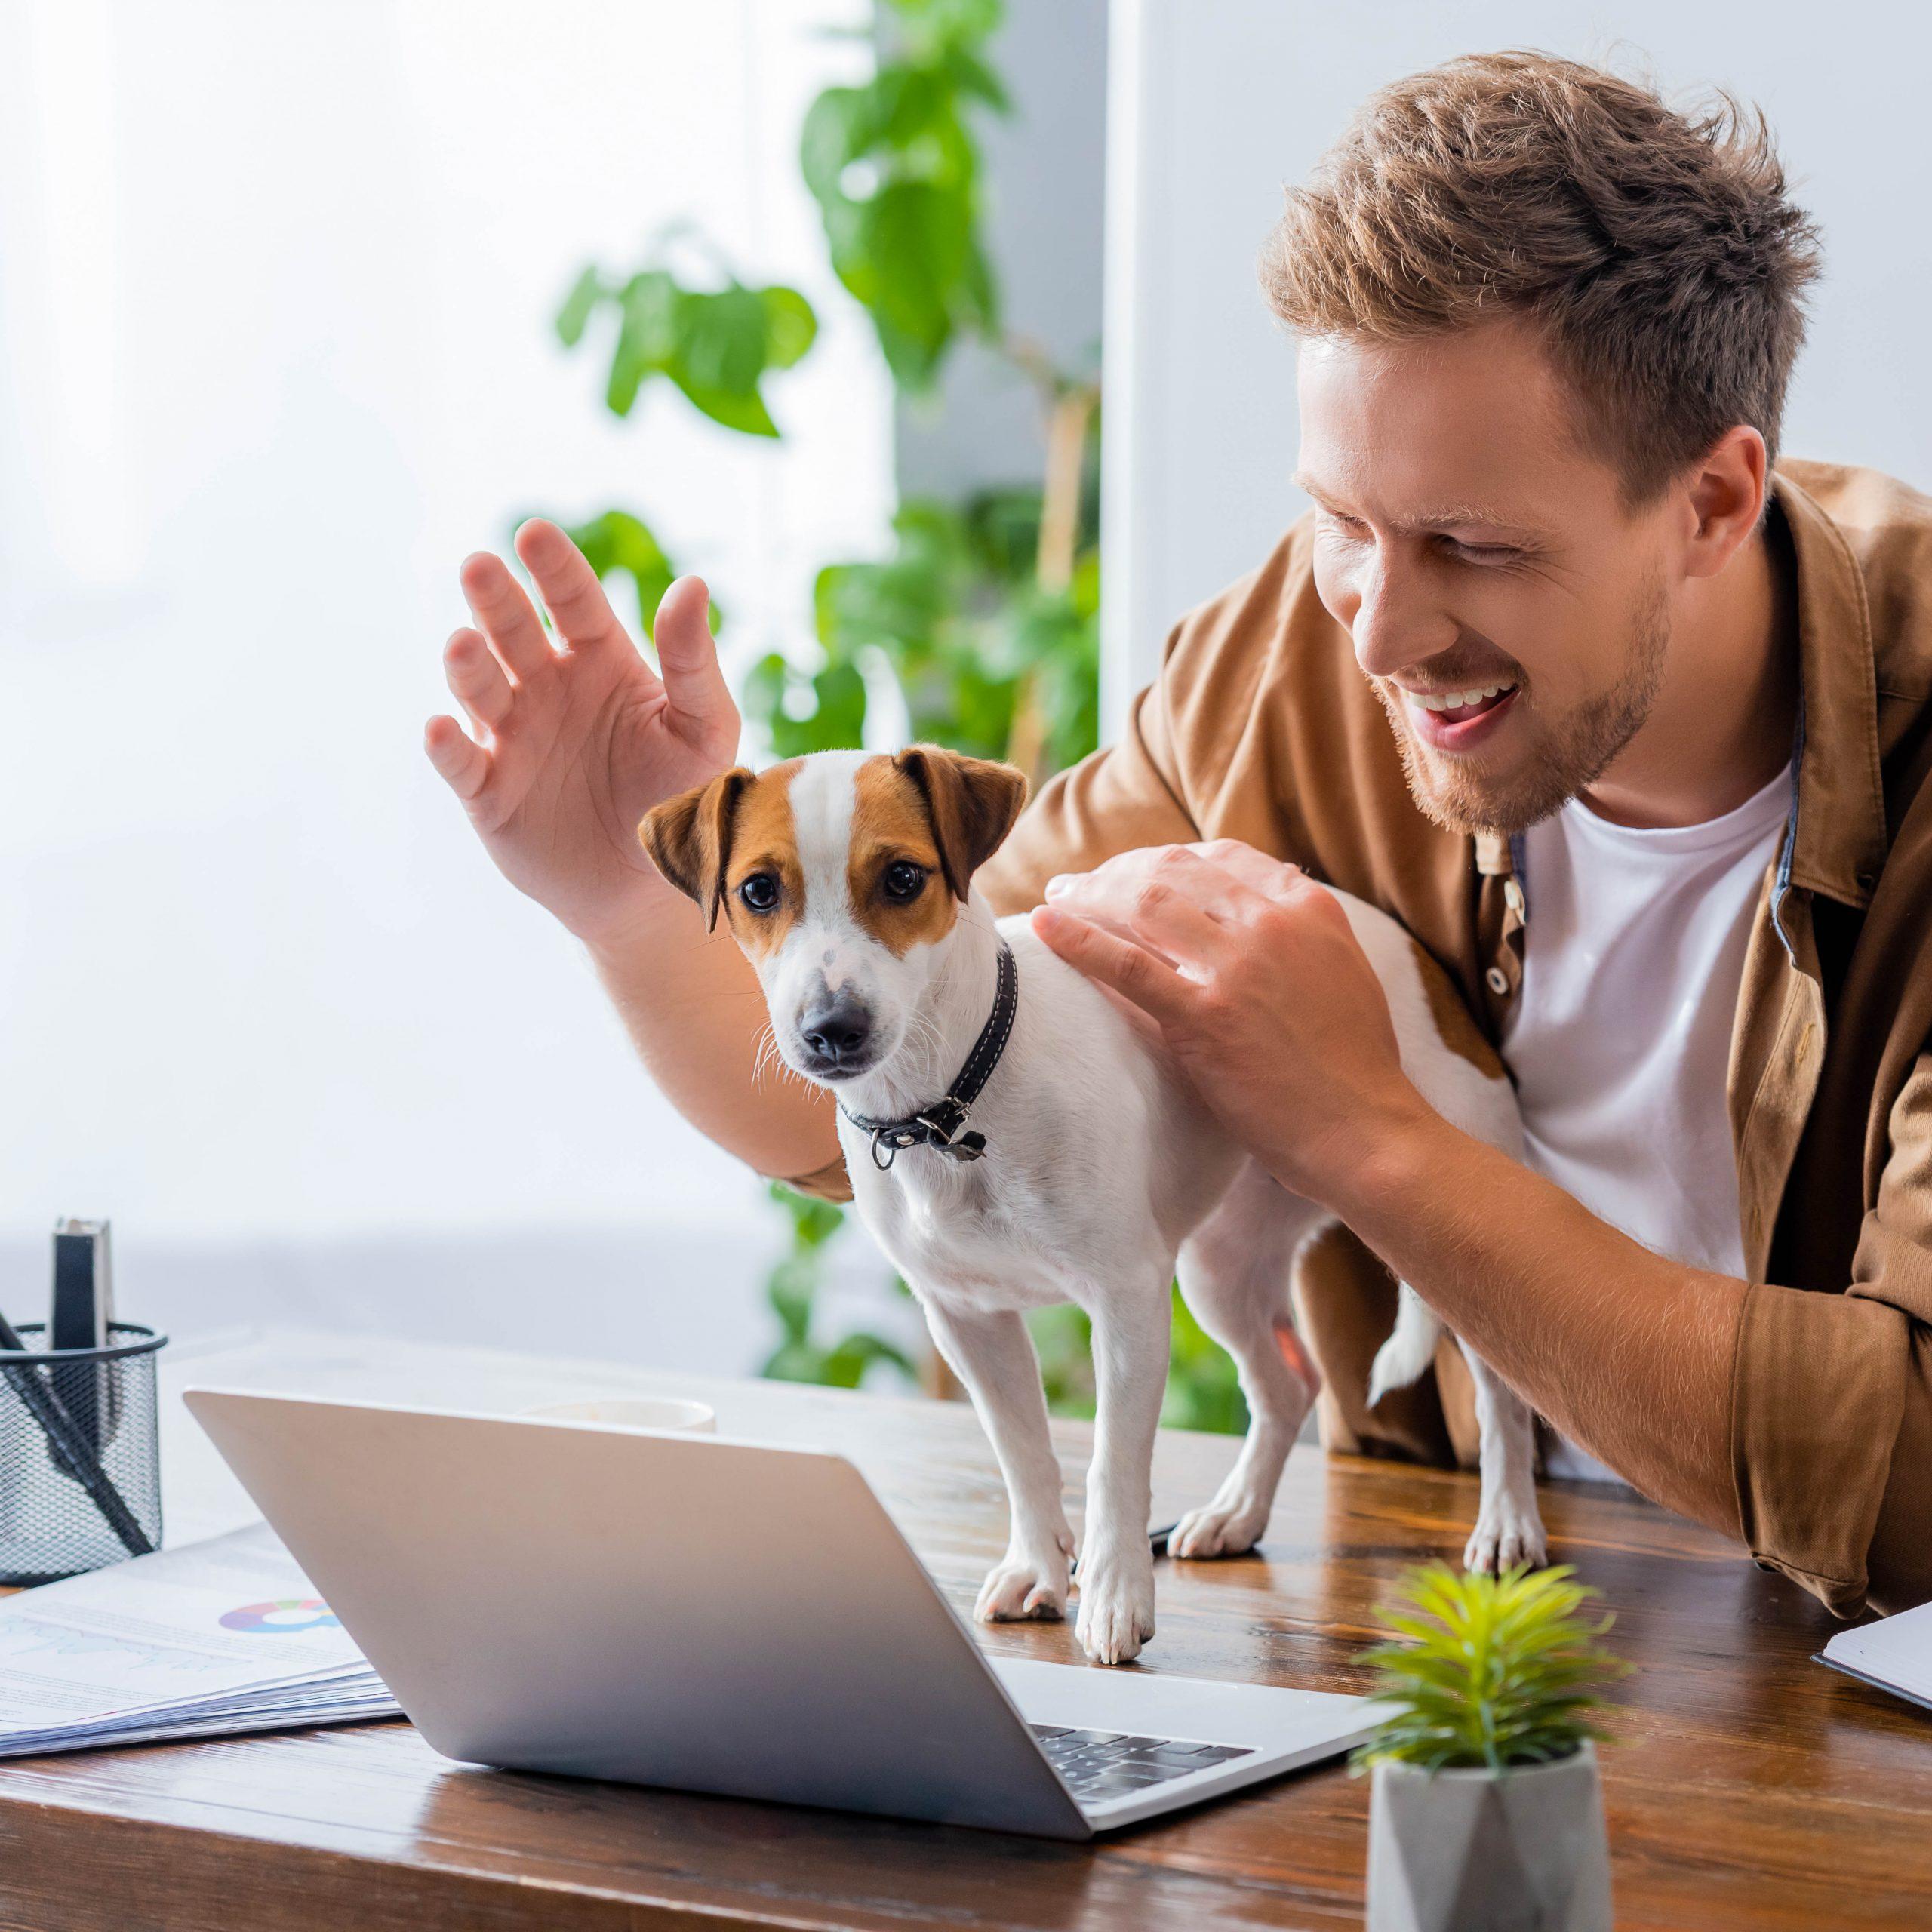 Ein Mann sitzt am Laptop der Hund ist vor ihm auf dem Tisch